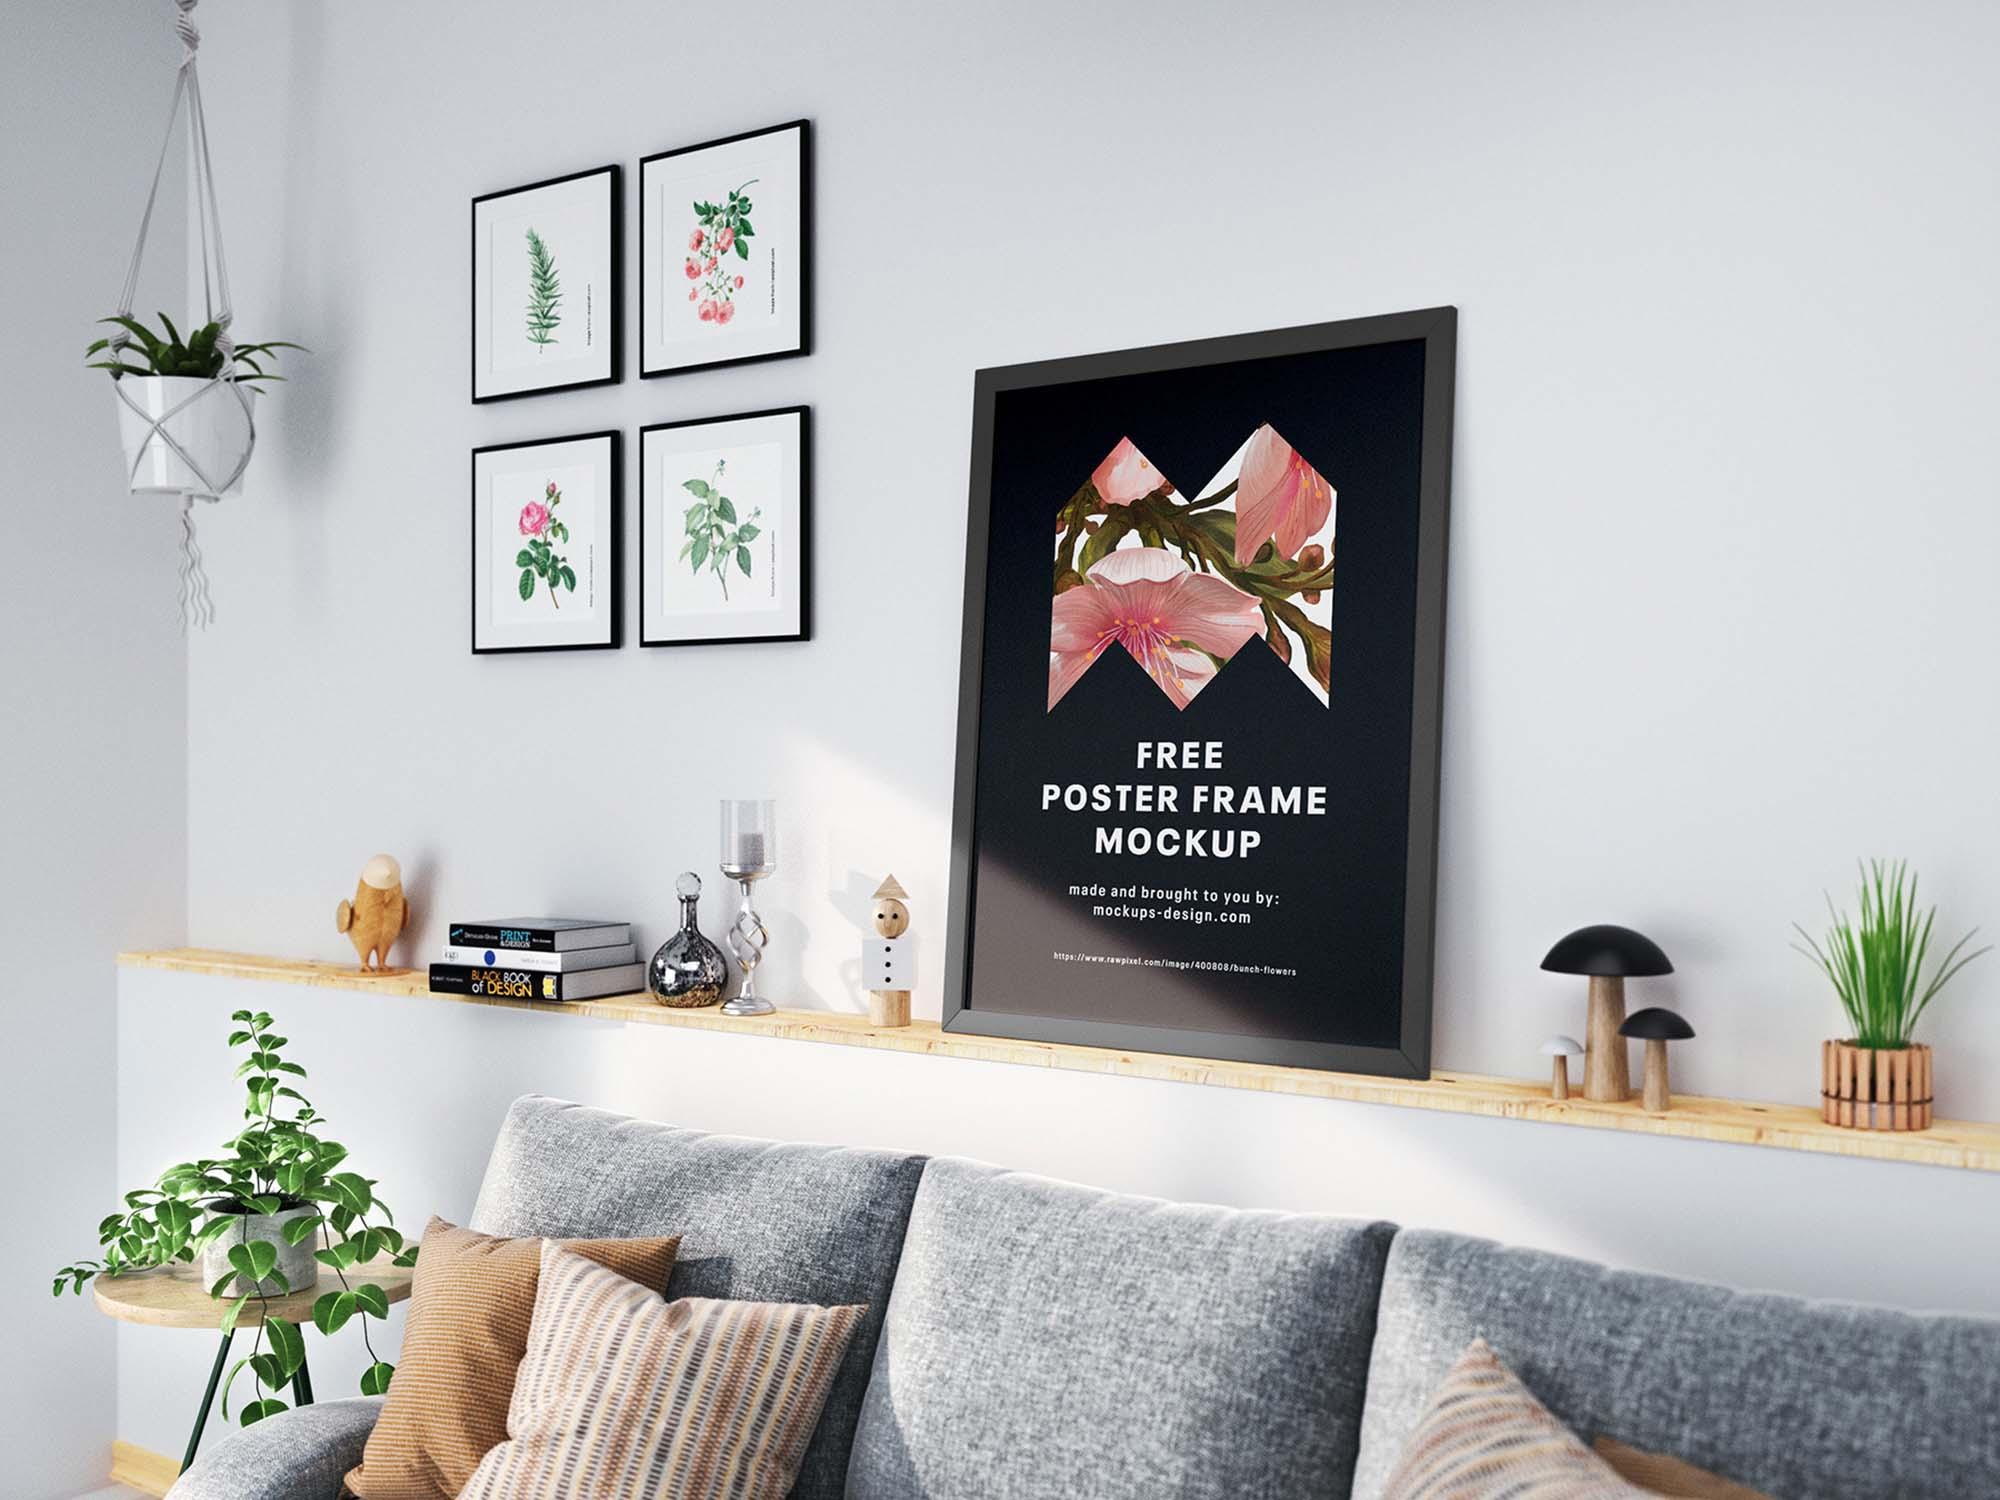 Poster Frames Mockup 2